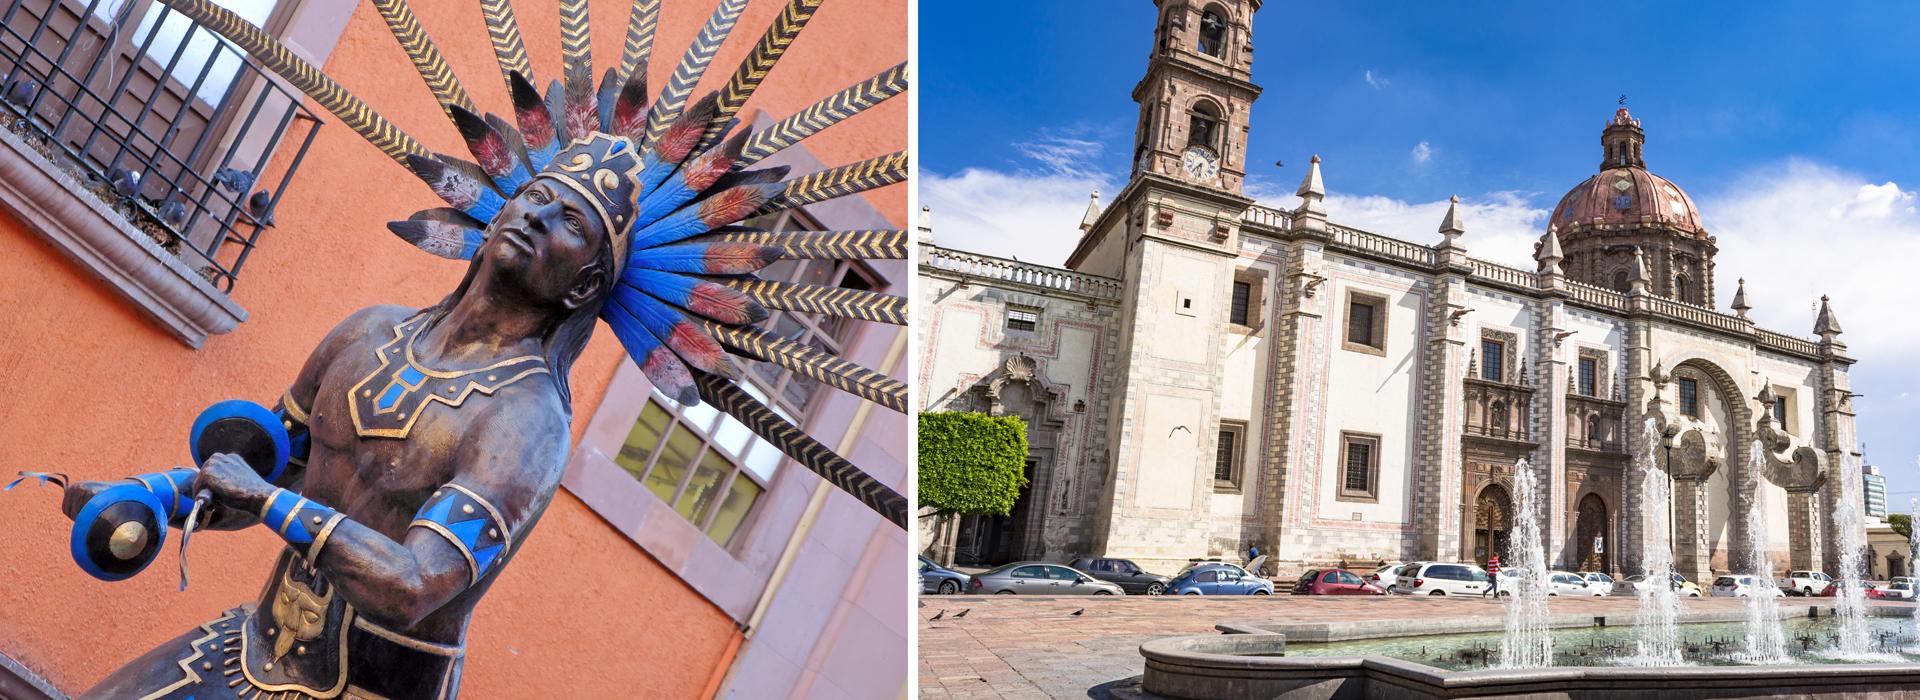 casasatlas-headers-Querétaro